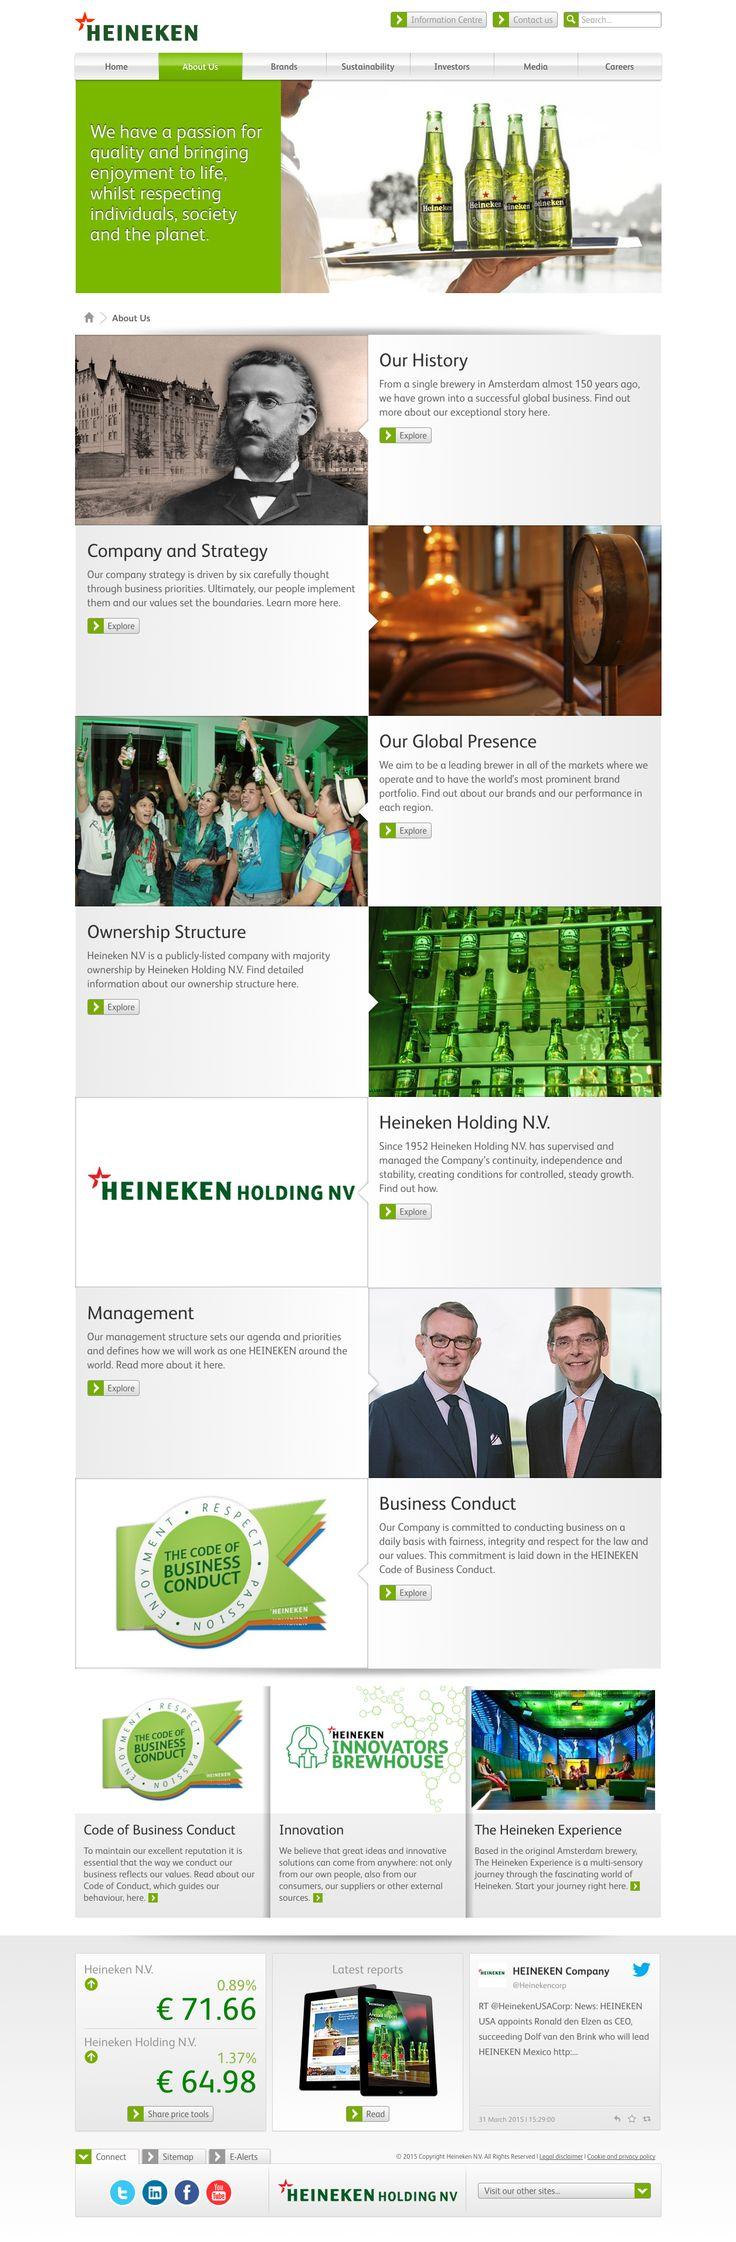 theheinekencompany.com - About us